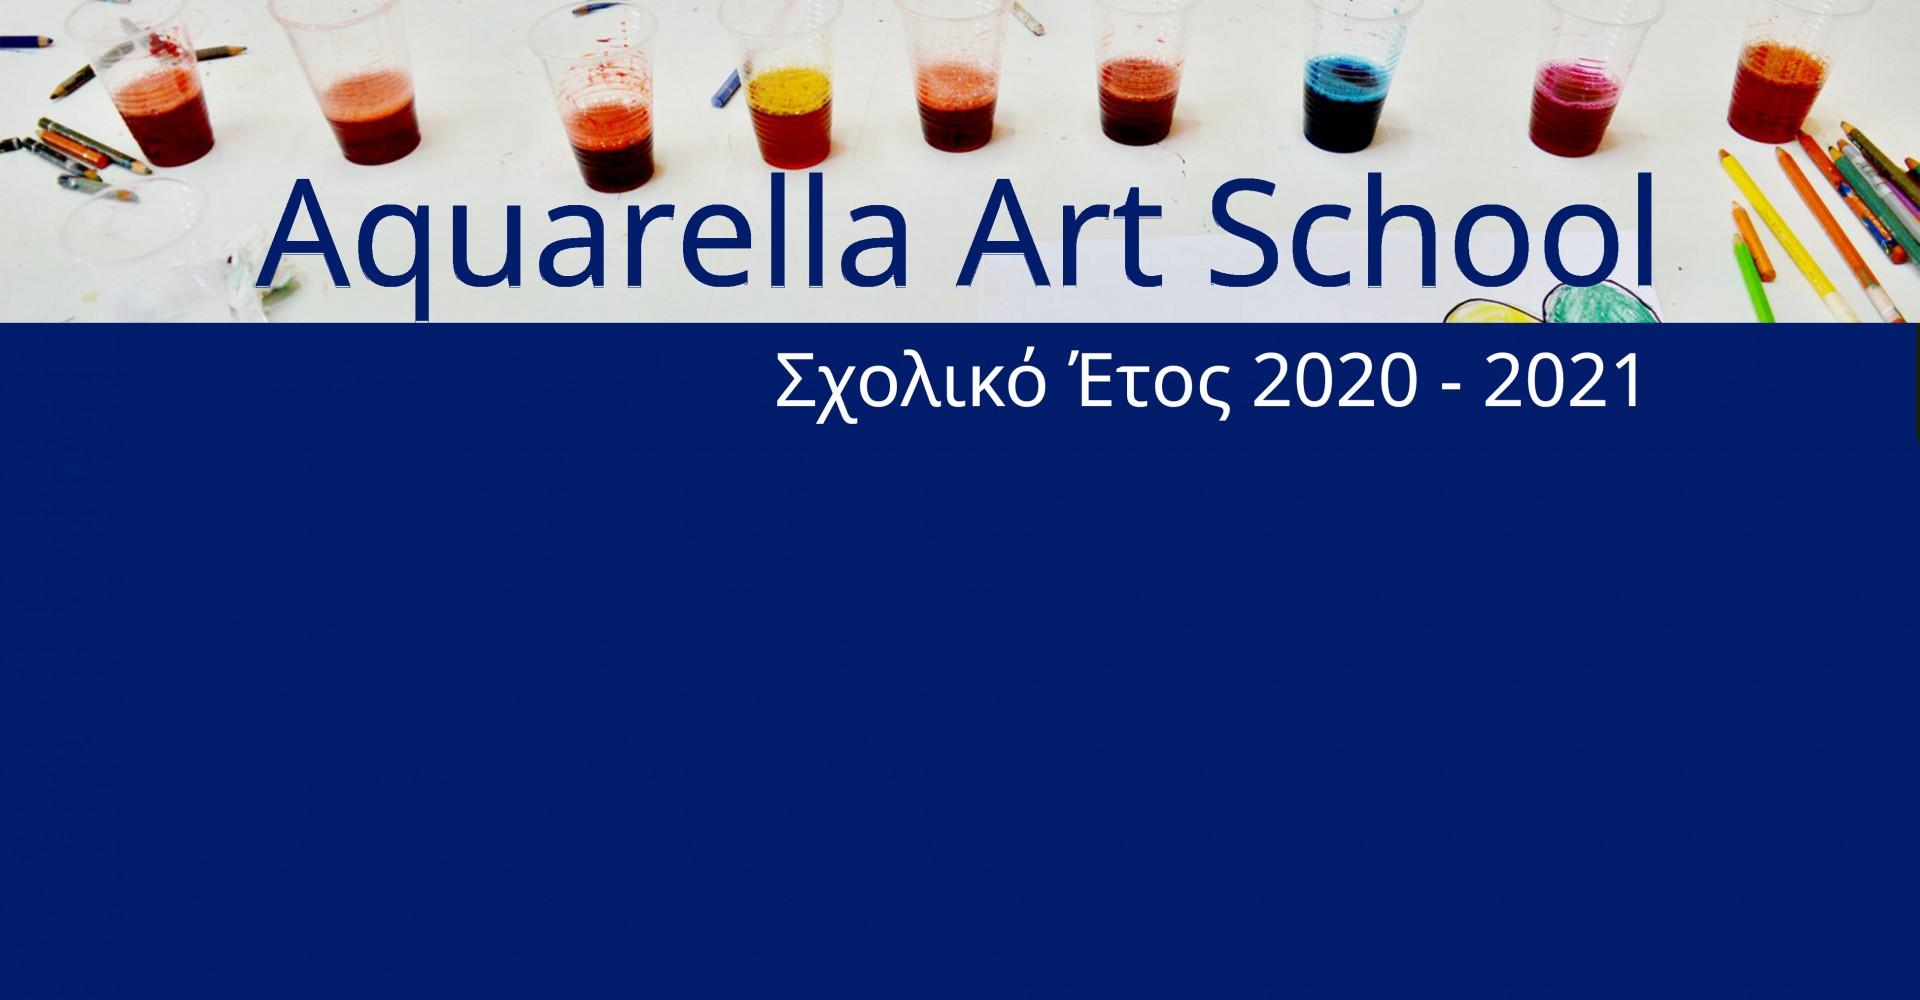 aquarella2020-2021